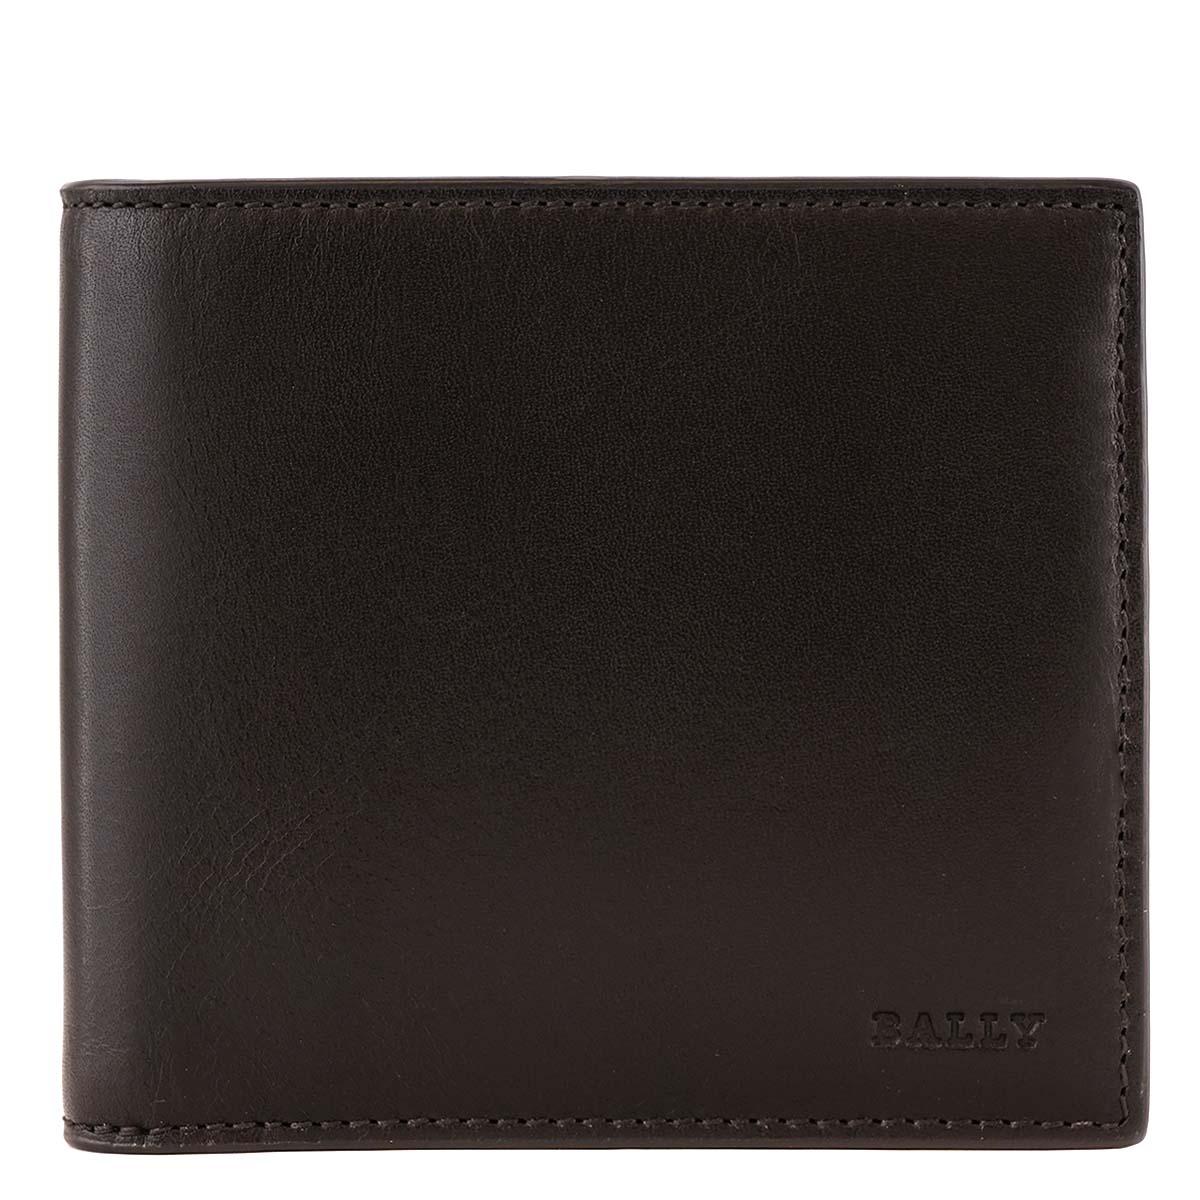 BALLY バリー 二つ折り財布 TEISEL 6222041 メンズ 男性 カードケース 301 CHOCOLATE チョコレートブラウン ウォレット【送料無料 並行輸入品】